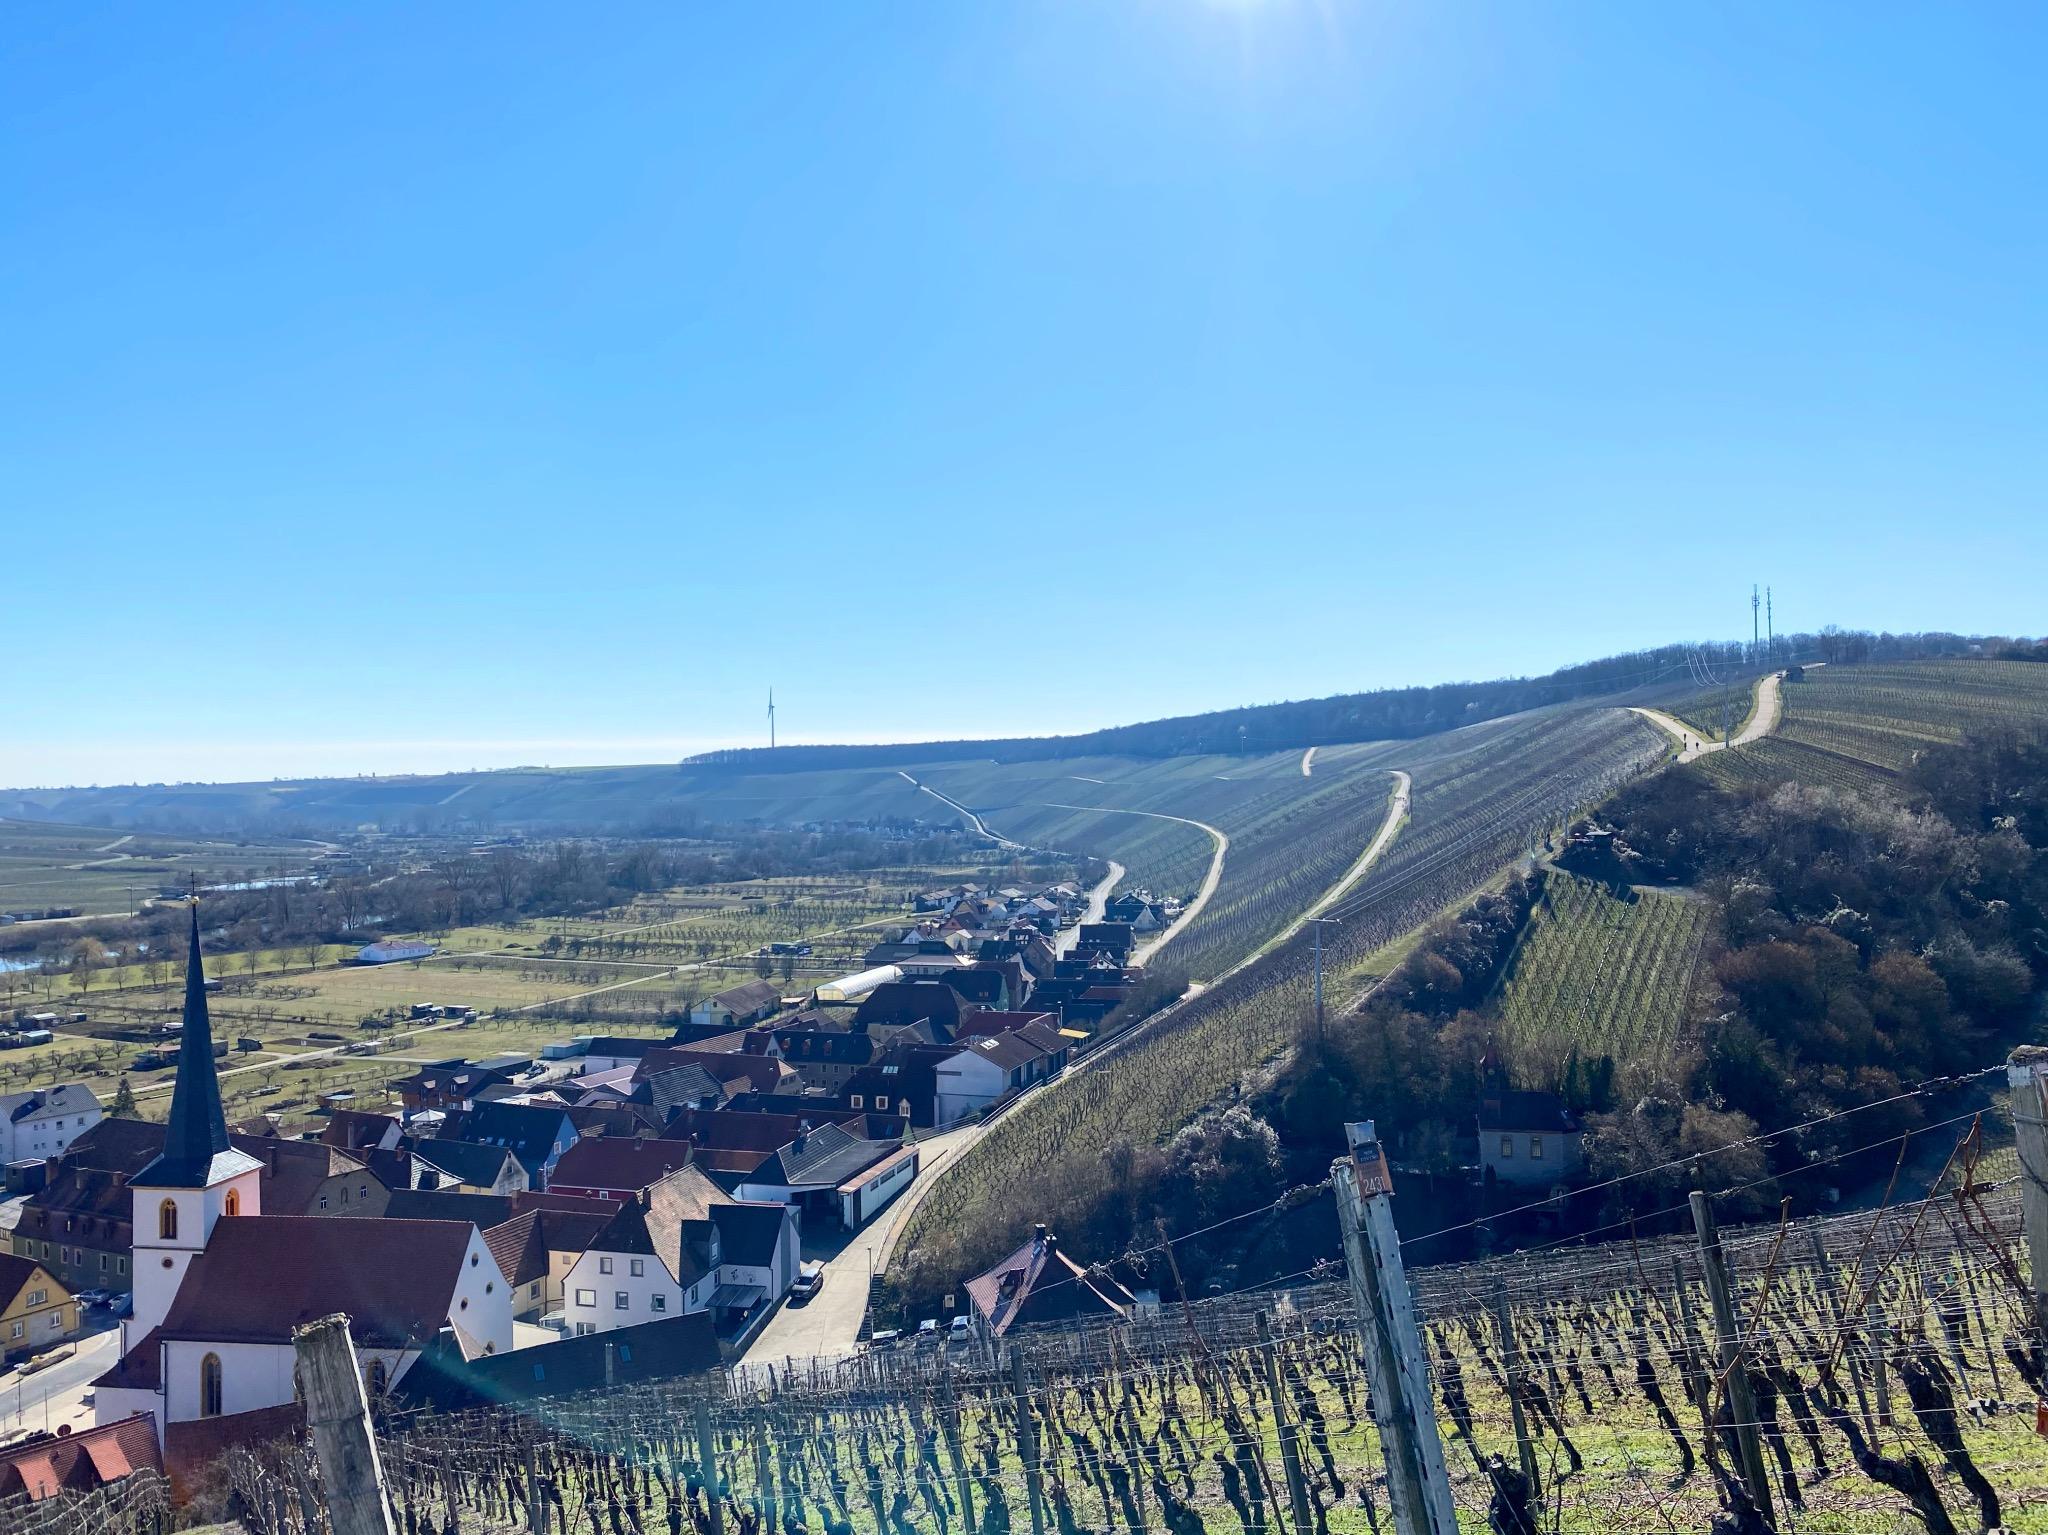 Blick über die Weinberge und Escherndorf im März. Foto: Jessica Hänse